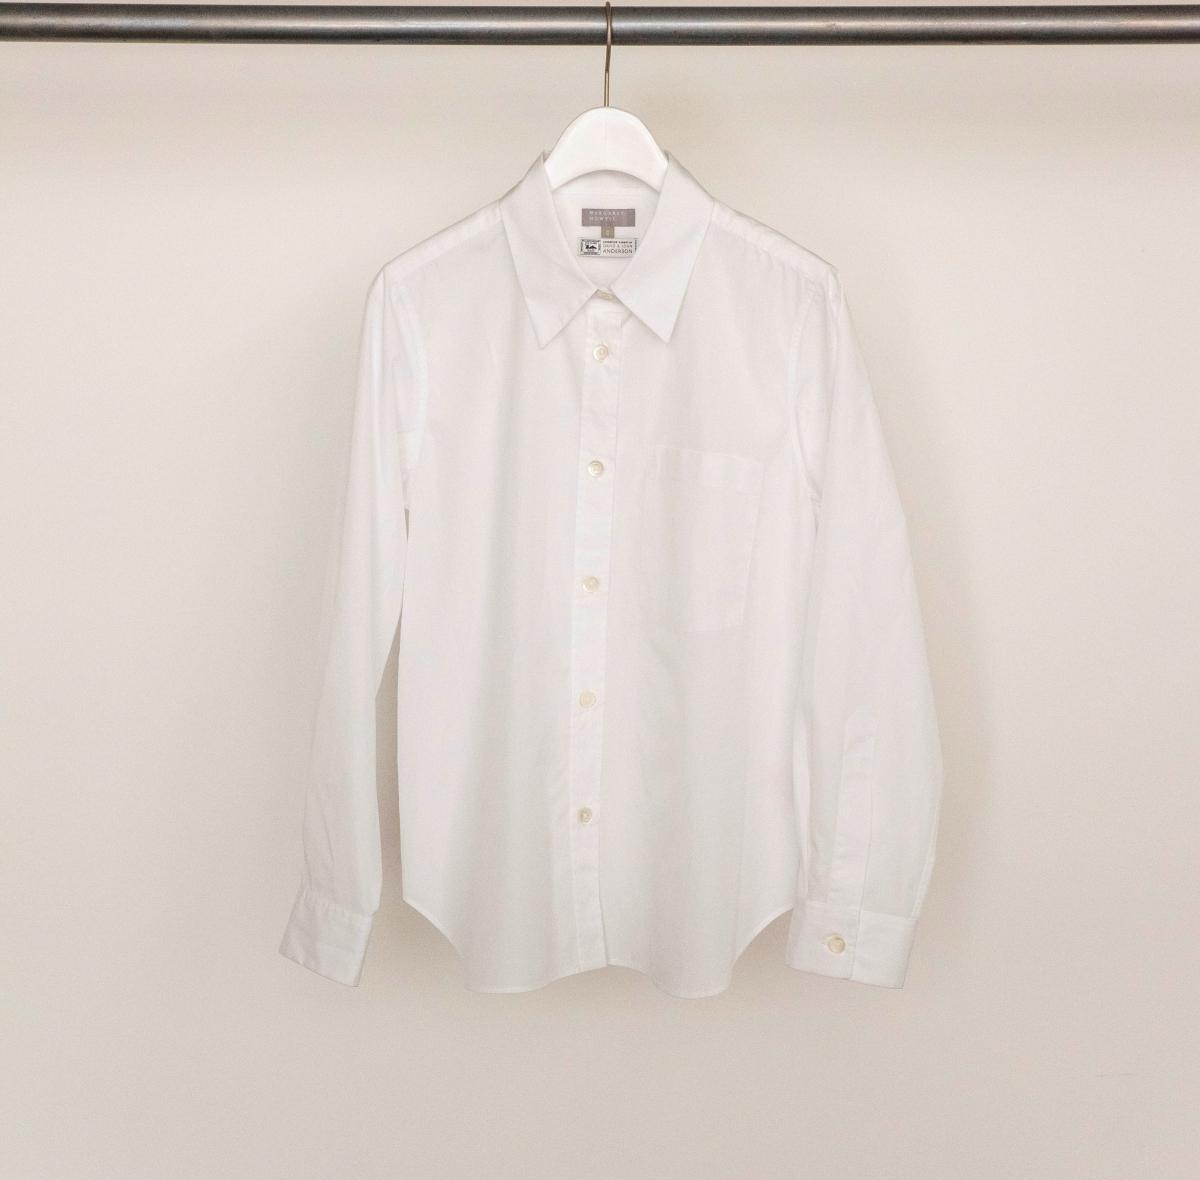 REGULAR SHIRT ¥59,000、COLLARLESS SHIRT ¥59,000 ※神南店・オンラインストア限定/アングローバル(マーガレット・ハウエル)